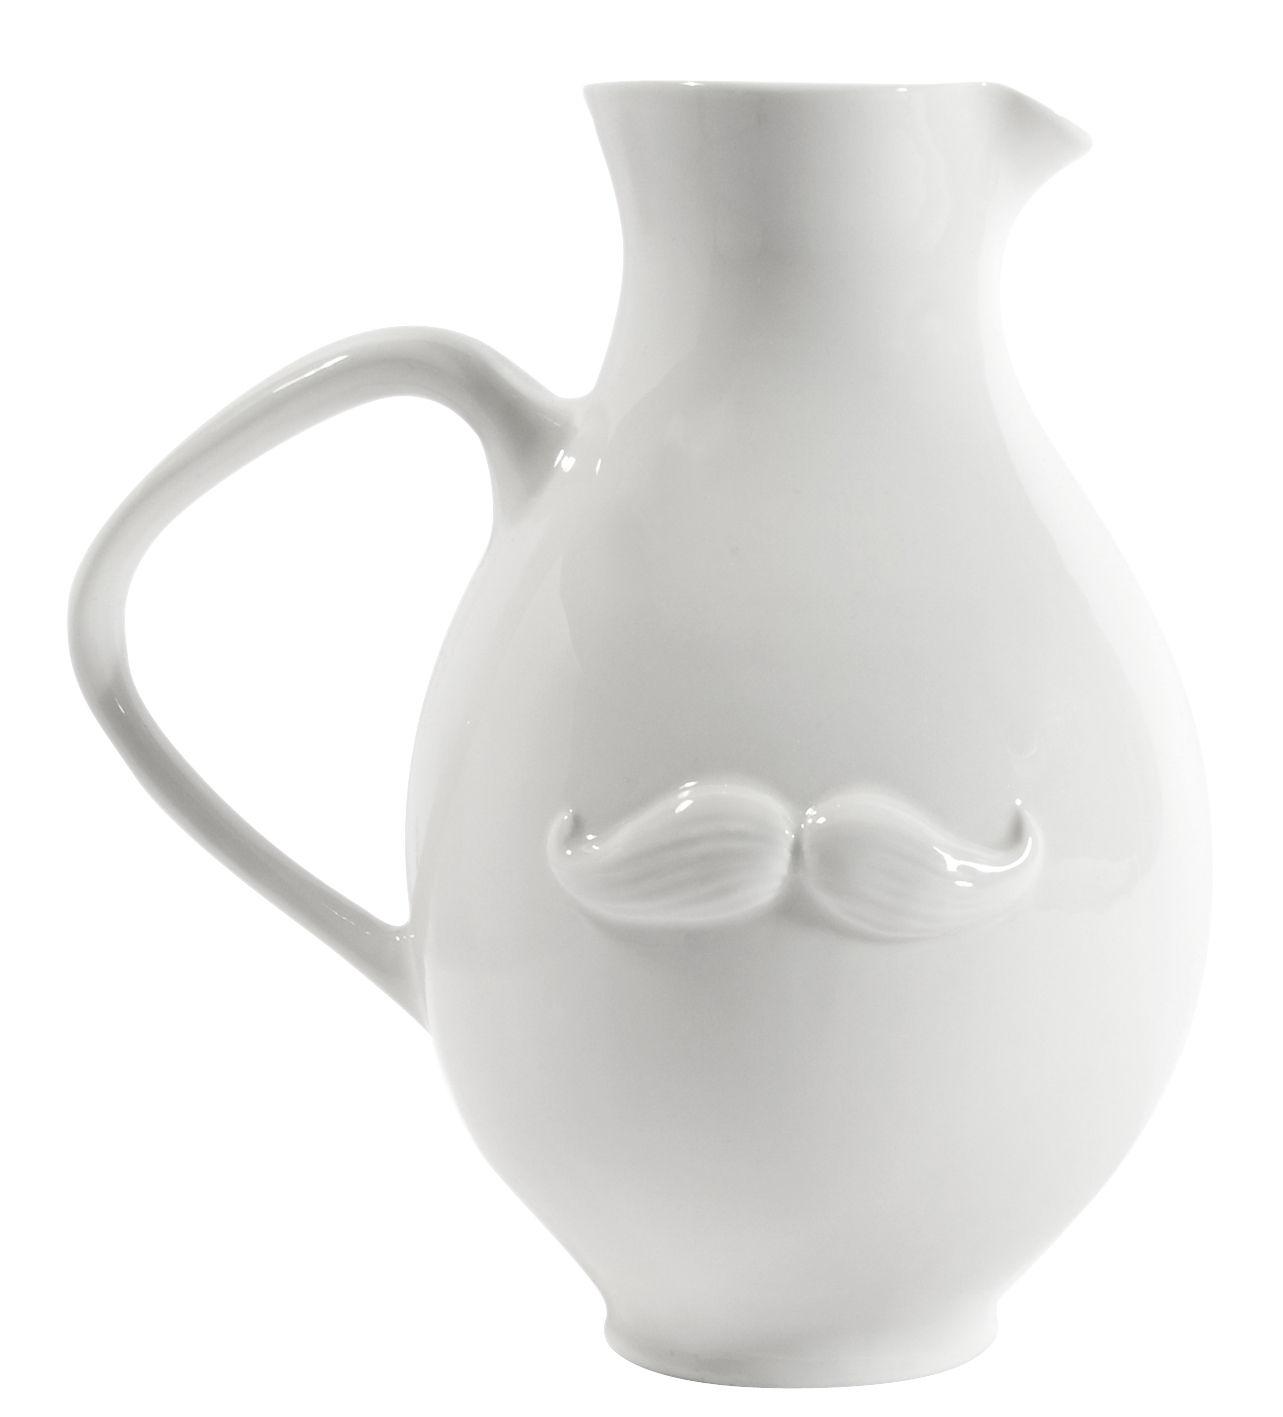 Arts de la table - Carafes et décanteurs - Carafe Muse  Reversible - Jonathan Adler - Blanc - Porcelaine